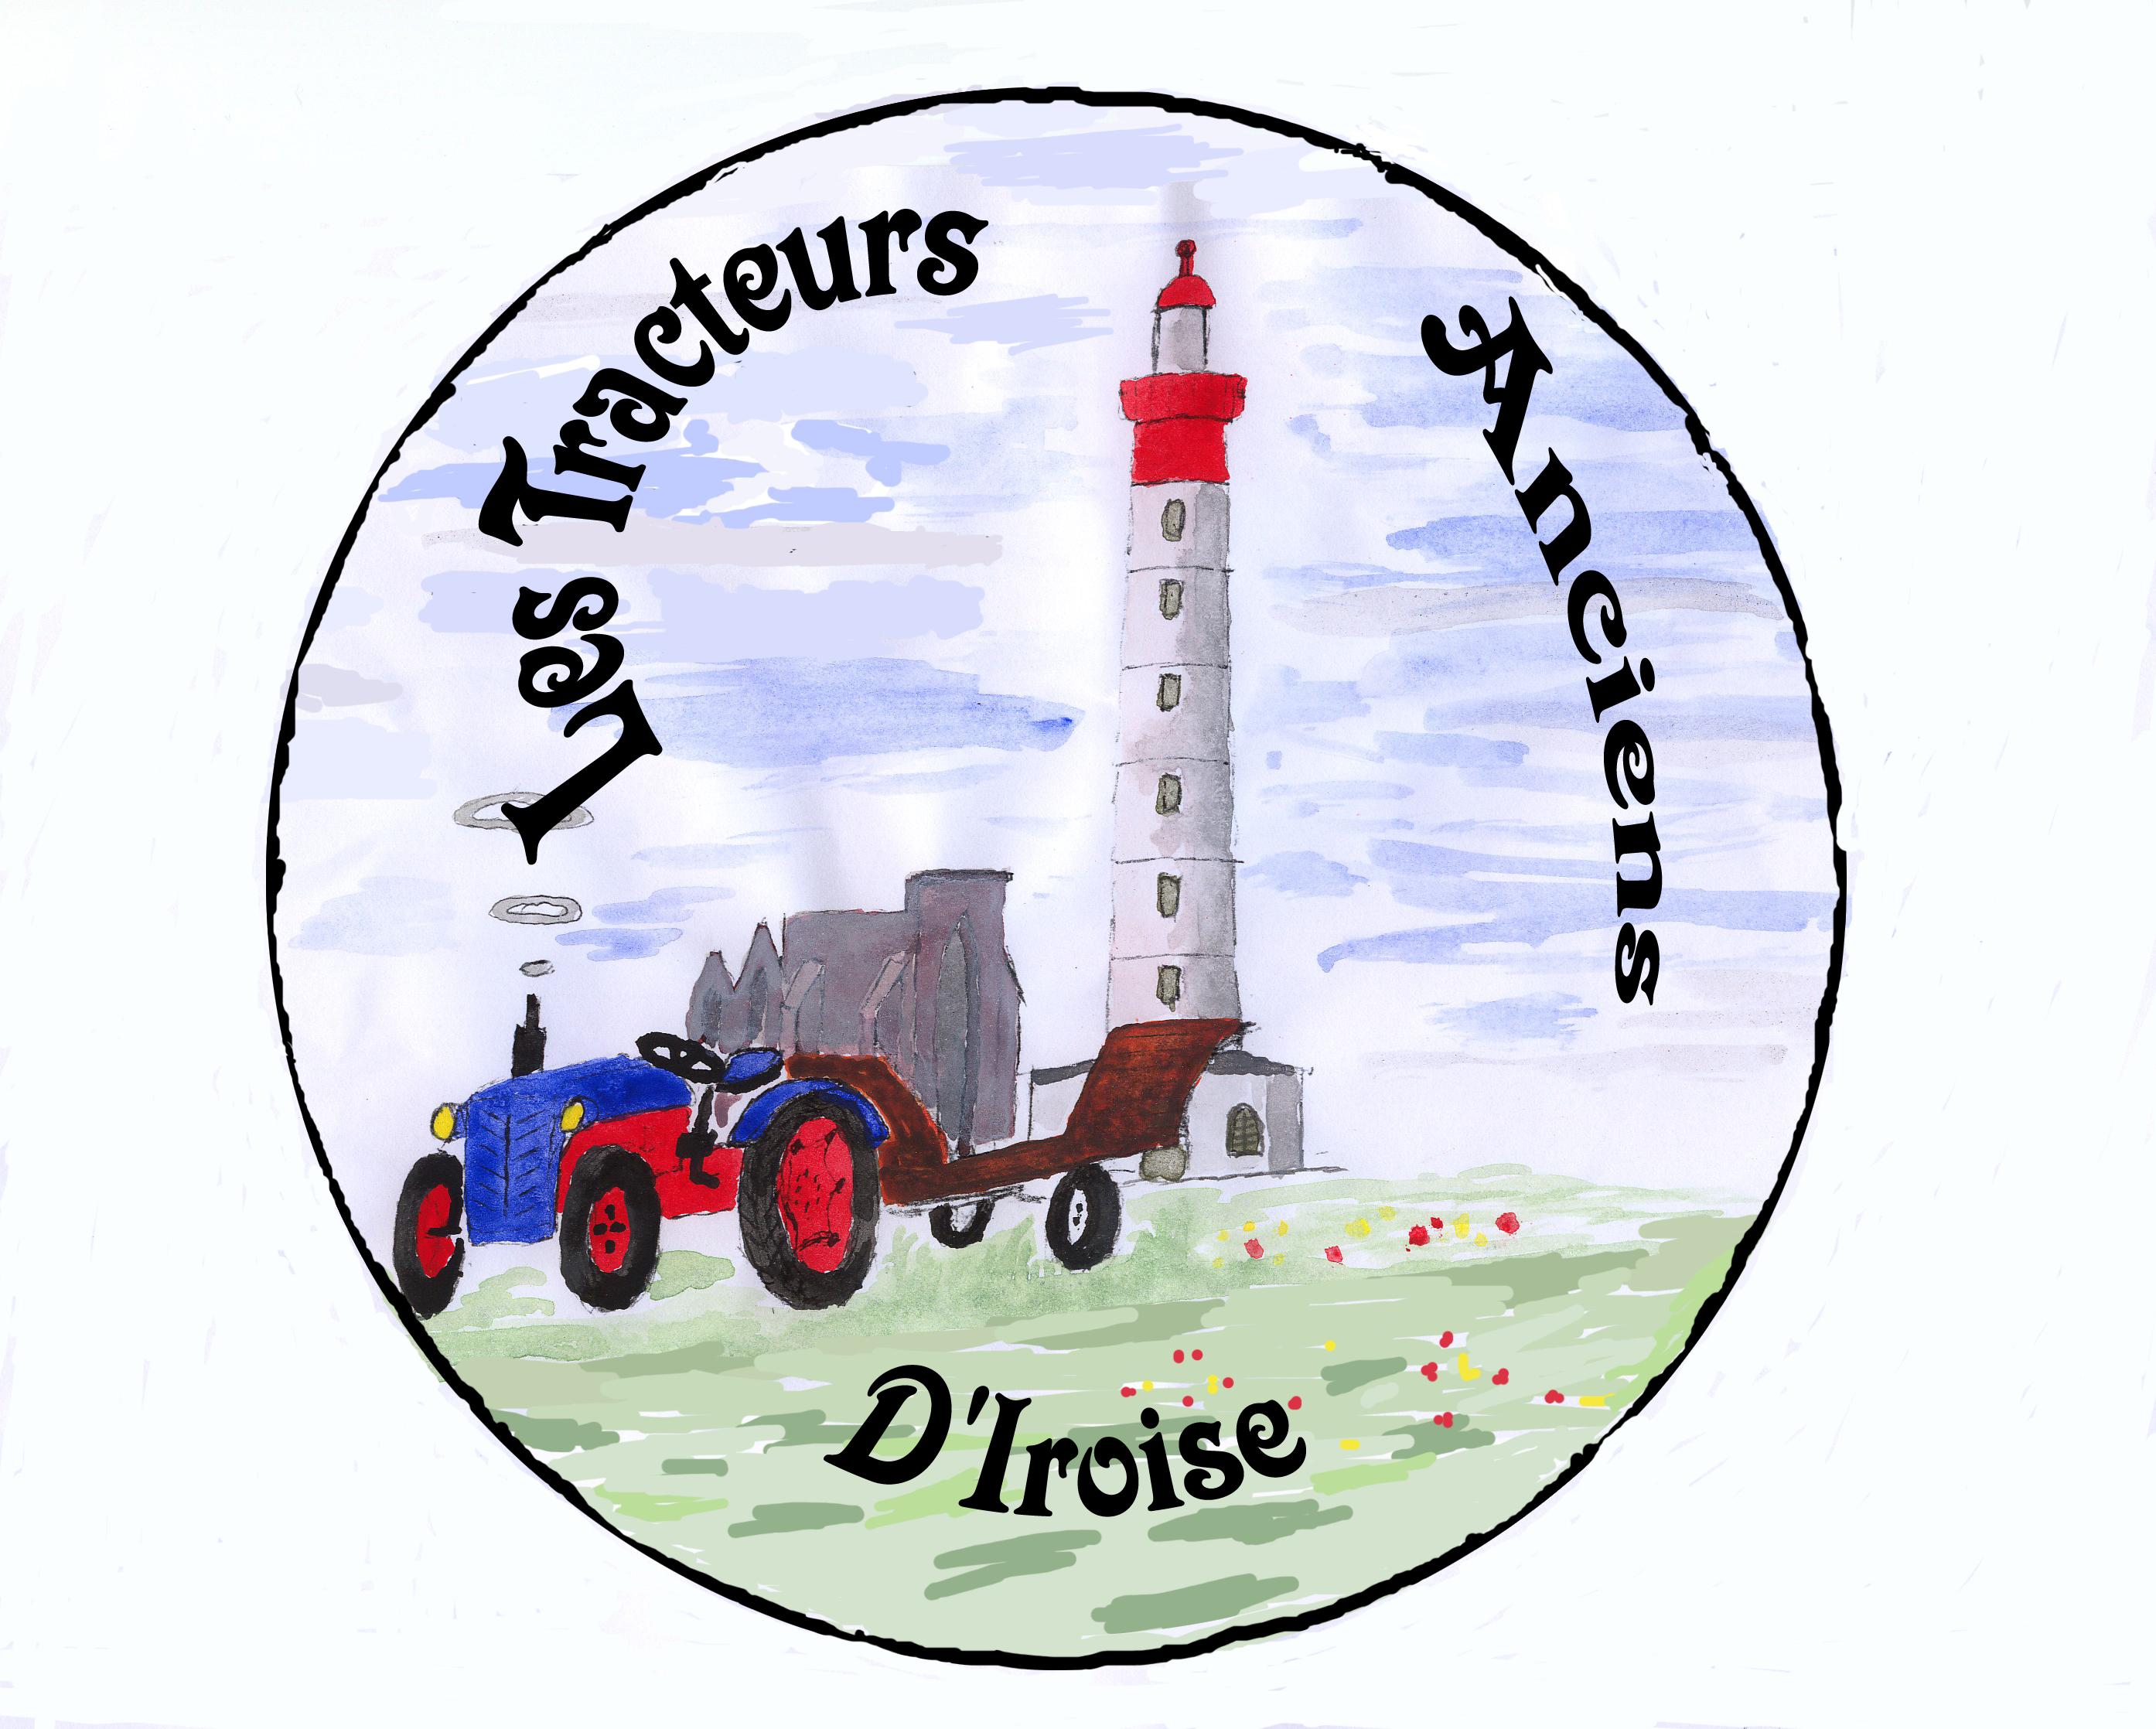 logo asso tracteur ancien d'Iroise